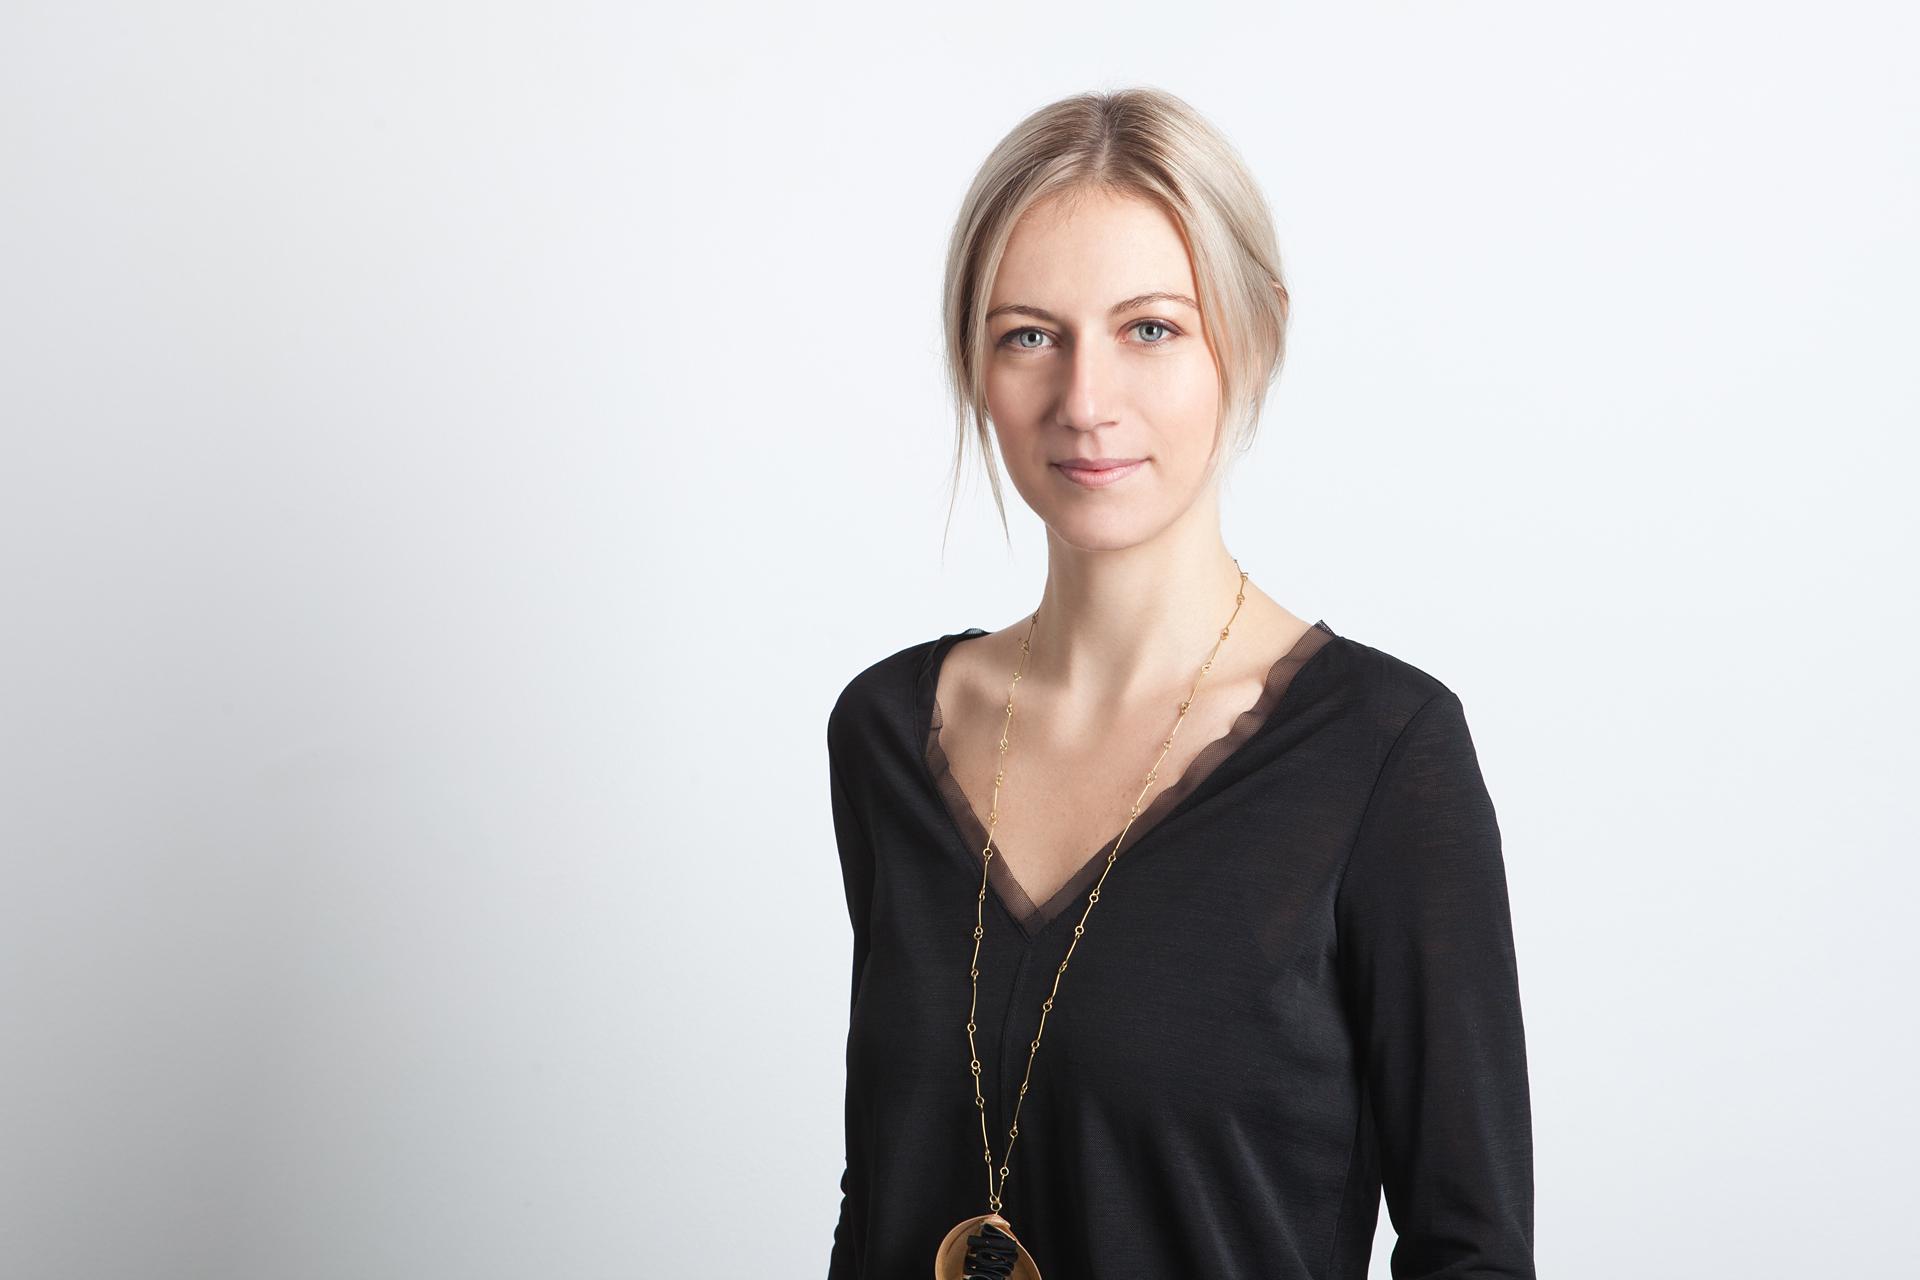 Nika Furlani